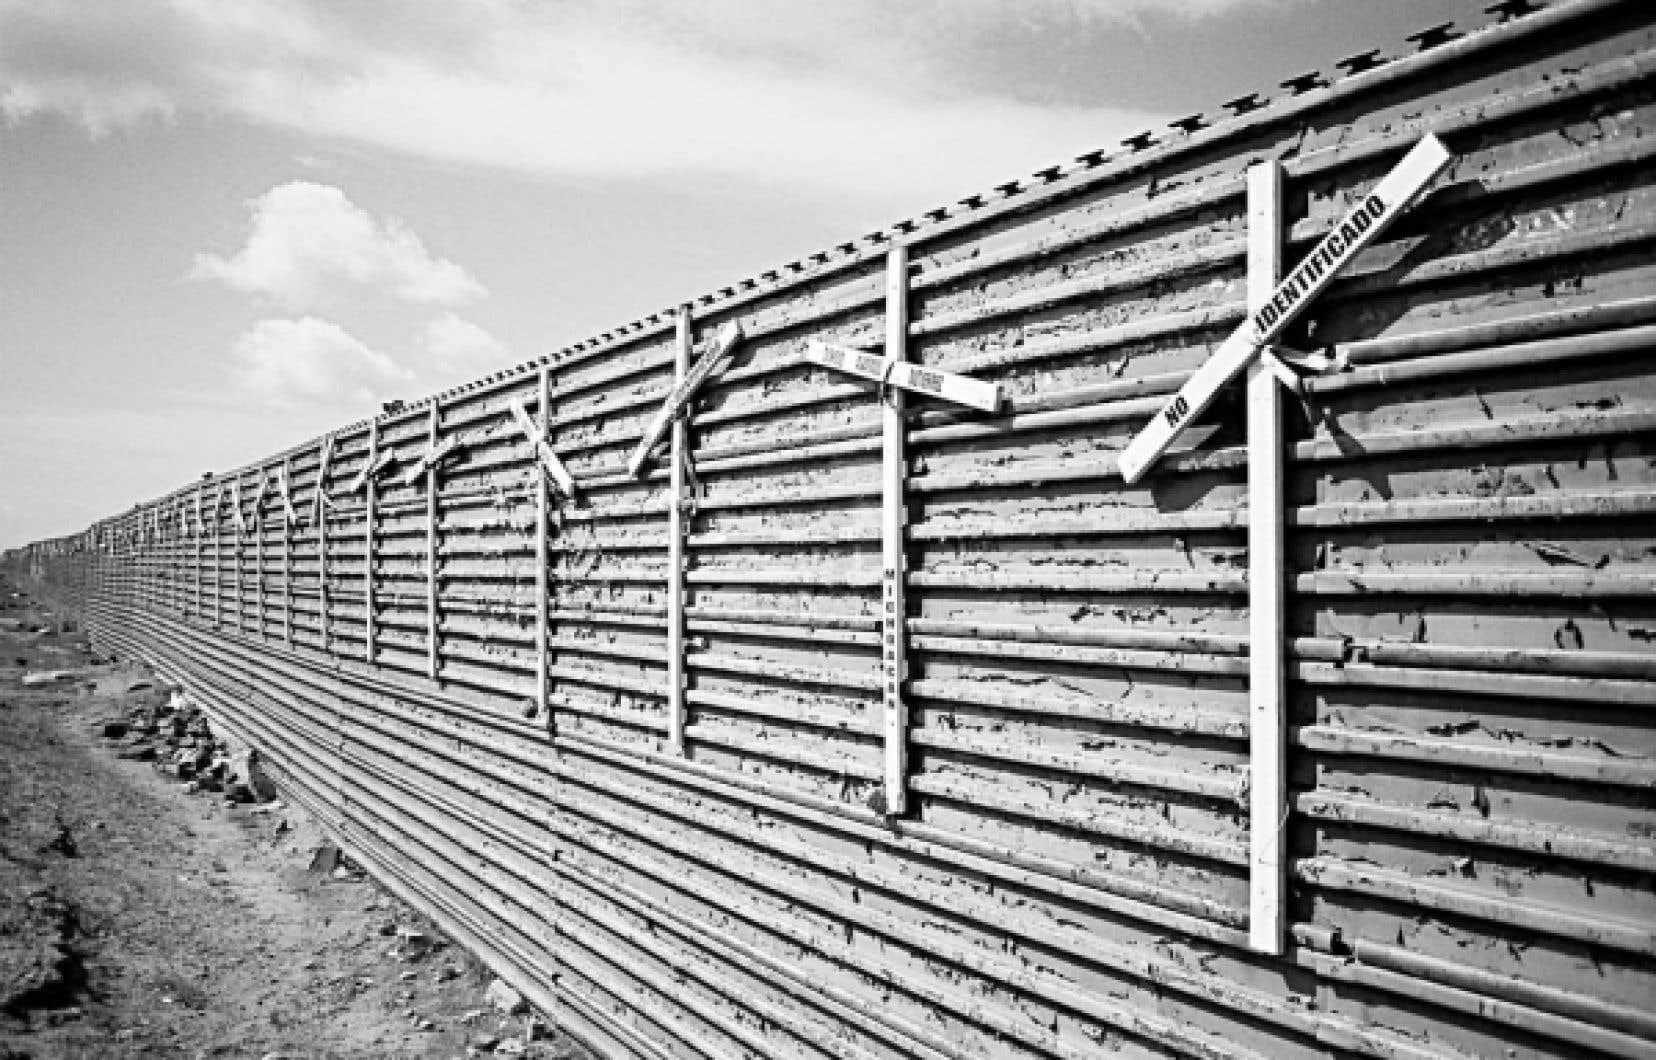 Une partie du mur qui isole les États-Unis du Mexique. Des croix rappellent que beaucoup de Mexicains ont trouvé la mort en essayant de traverser illégalement aux États-Unis.